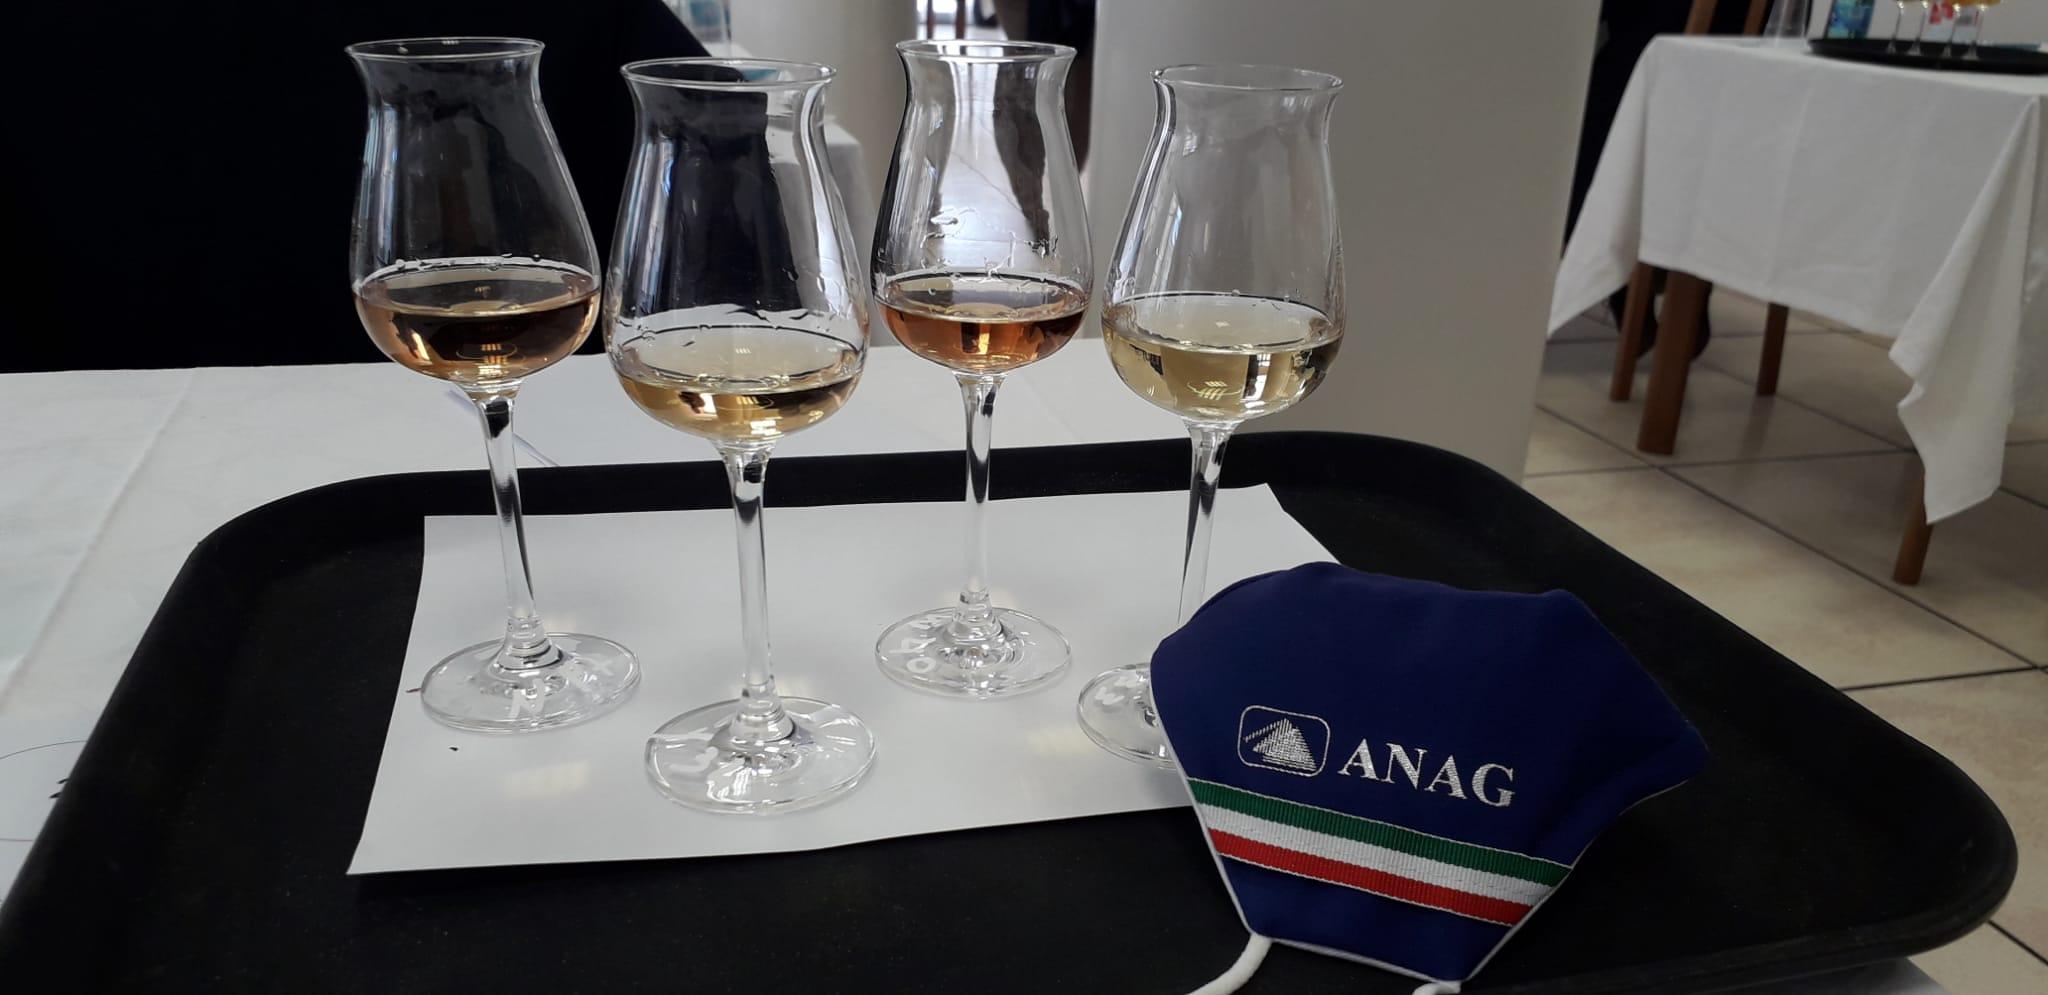 Premio Alambicco d'Oro: al via la 38esima edizione del concorso Anag dedicato a grappe, acquaviti e Brandy